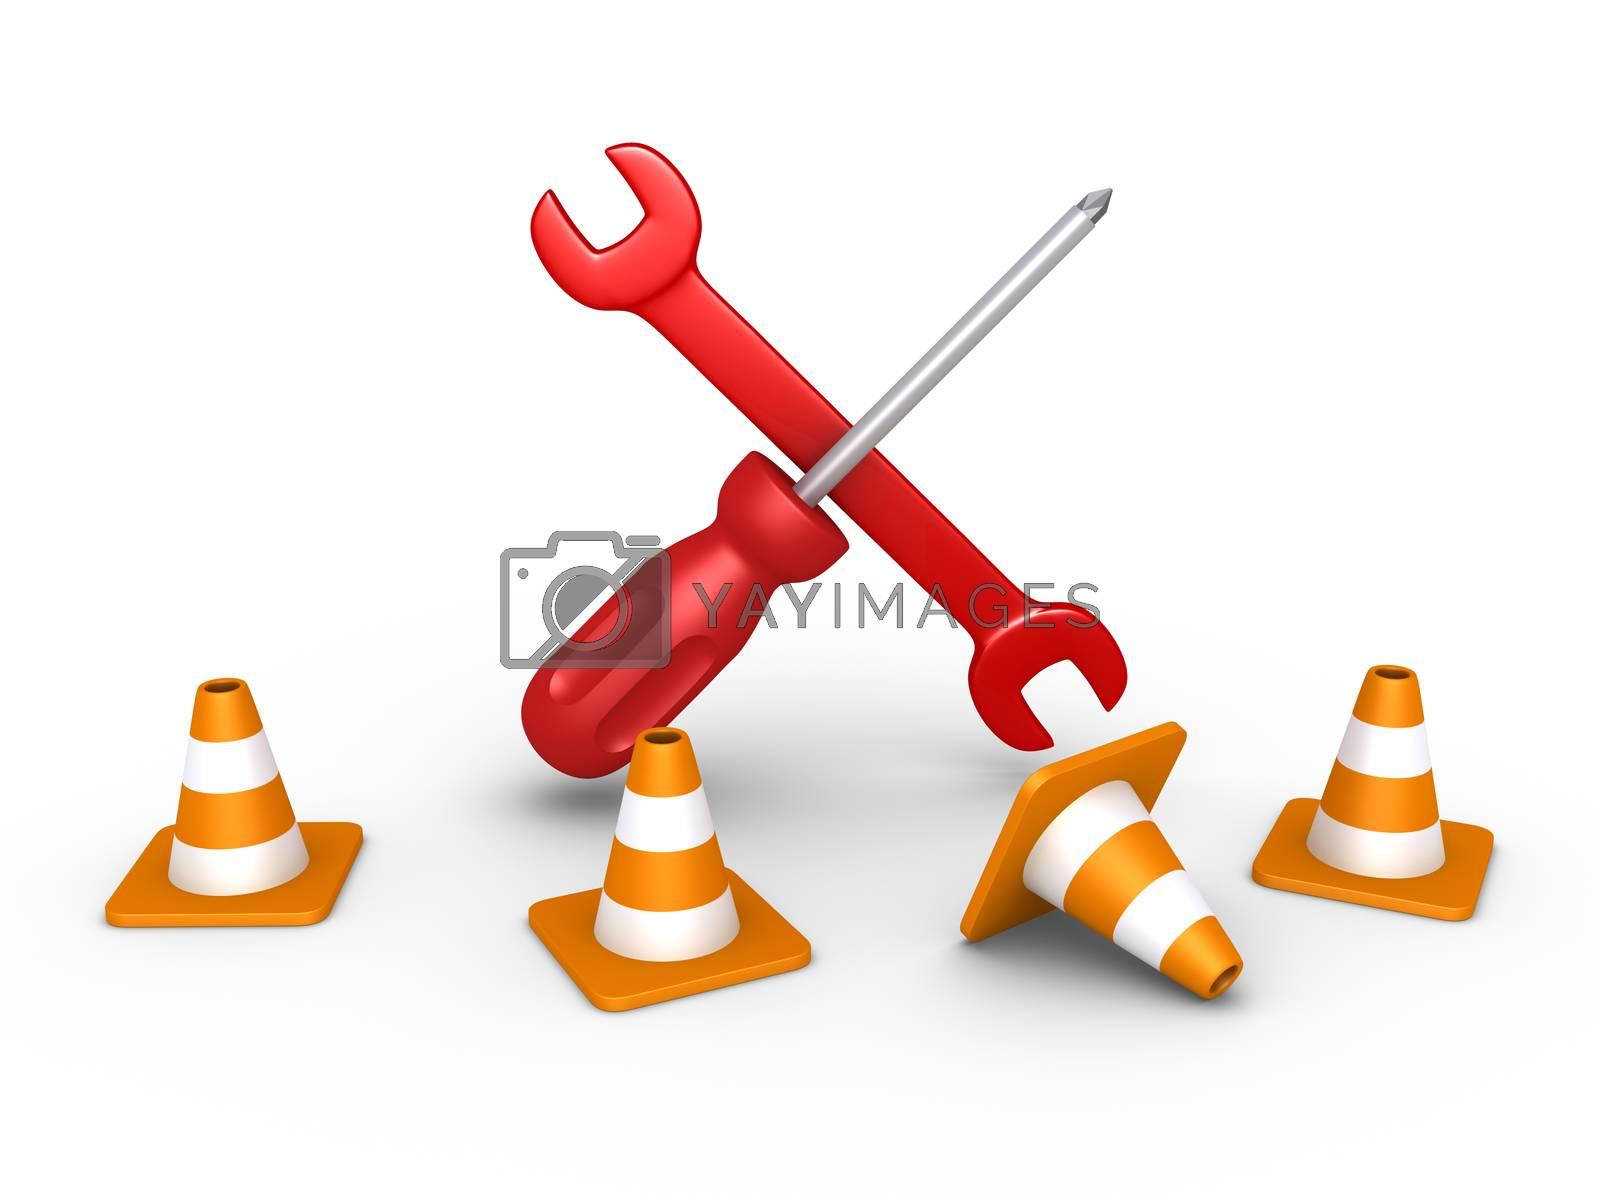 3d repair tools are behind four traffic cones